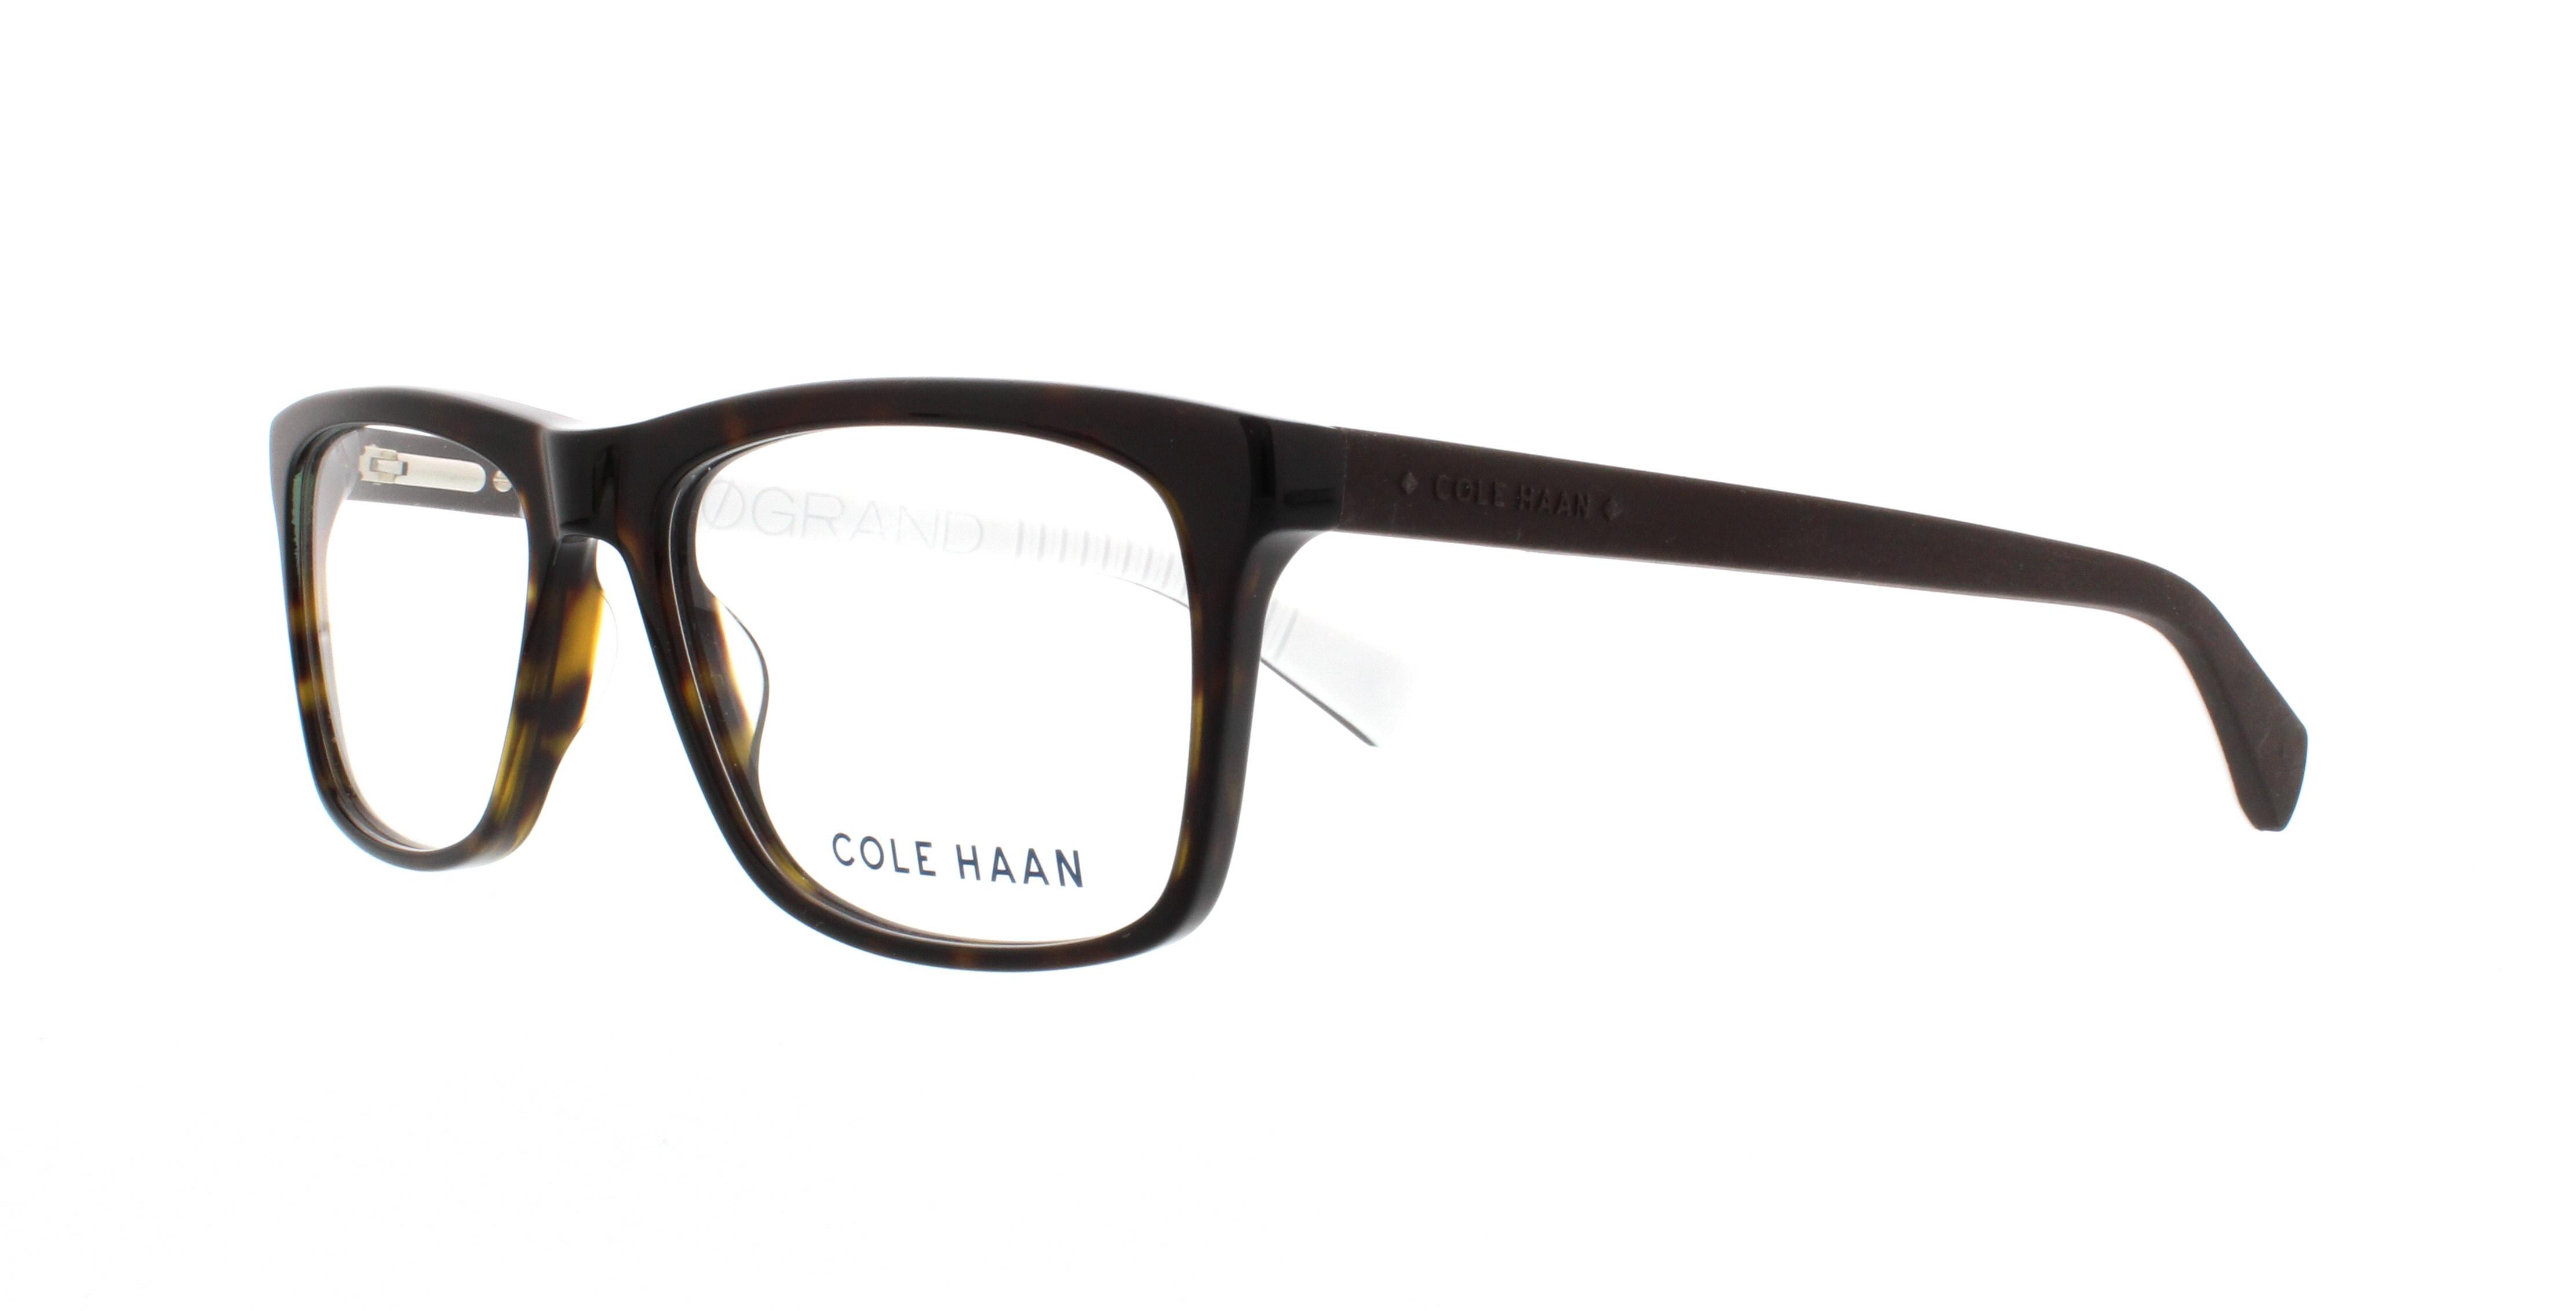 Cole Haan, Men - Designer Frames Outlet